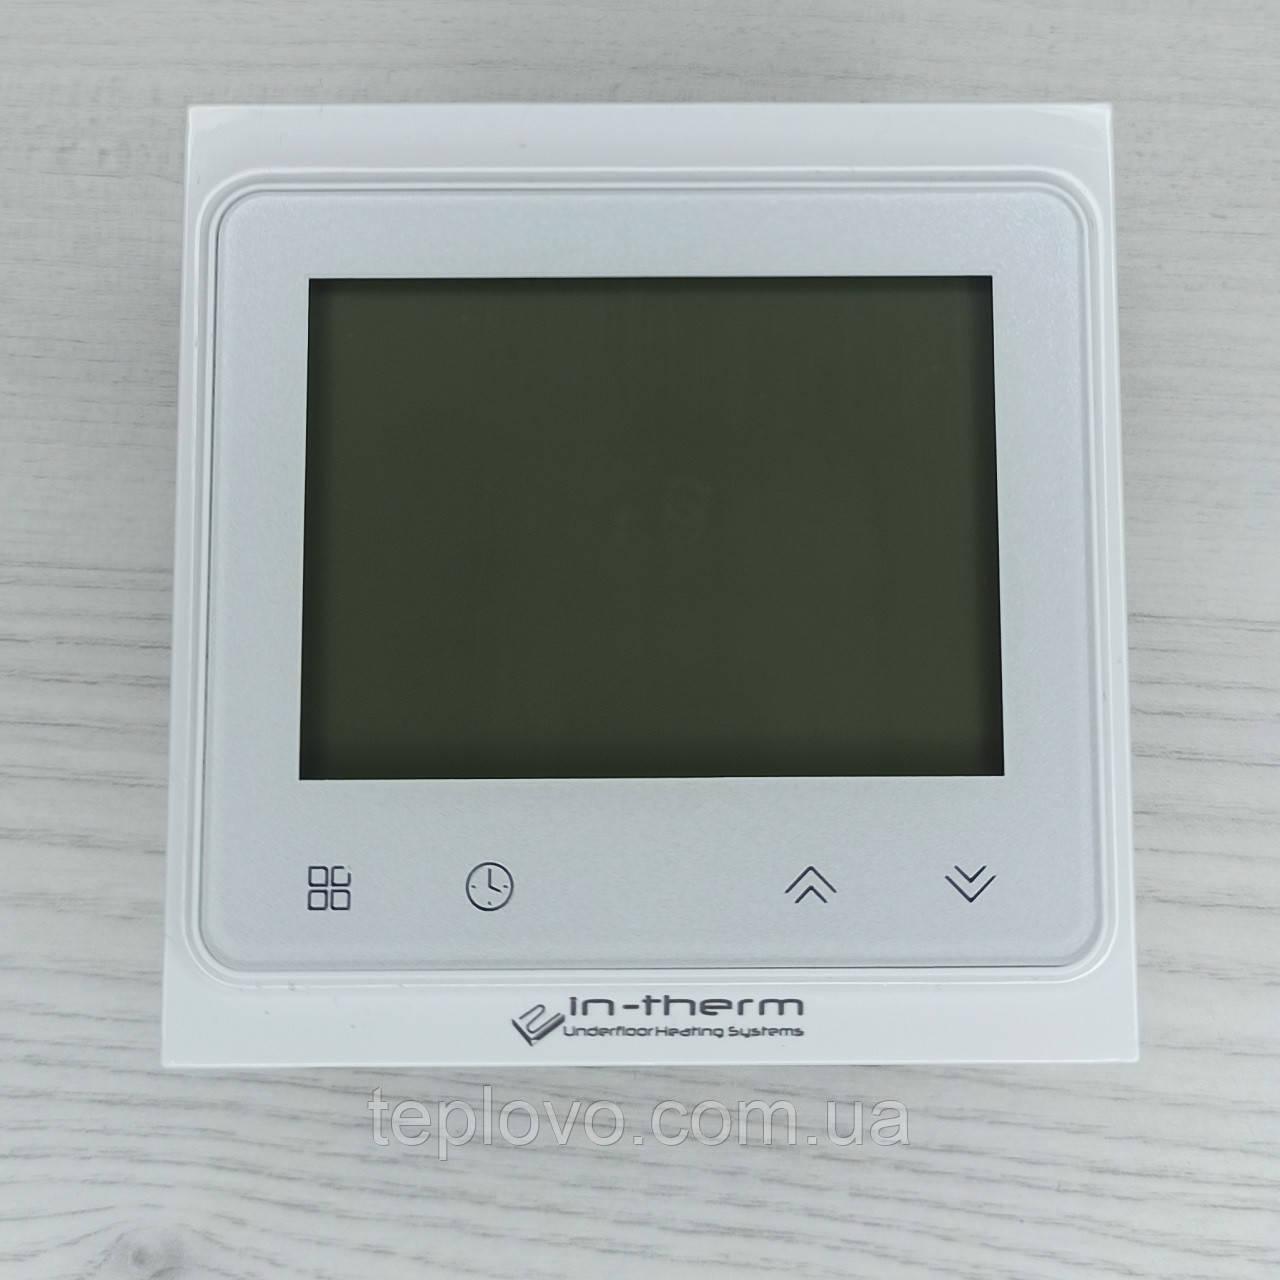 Терморегулятор программируемый IN-THERM PWT 002 Wi-Fi White, программатор для теплого пола